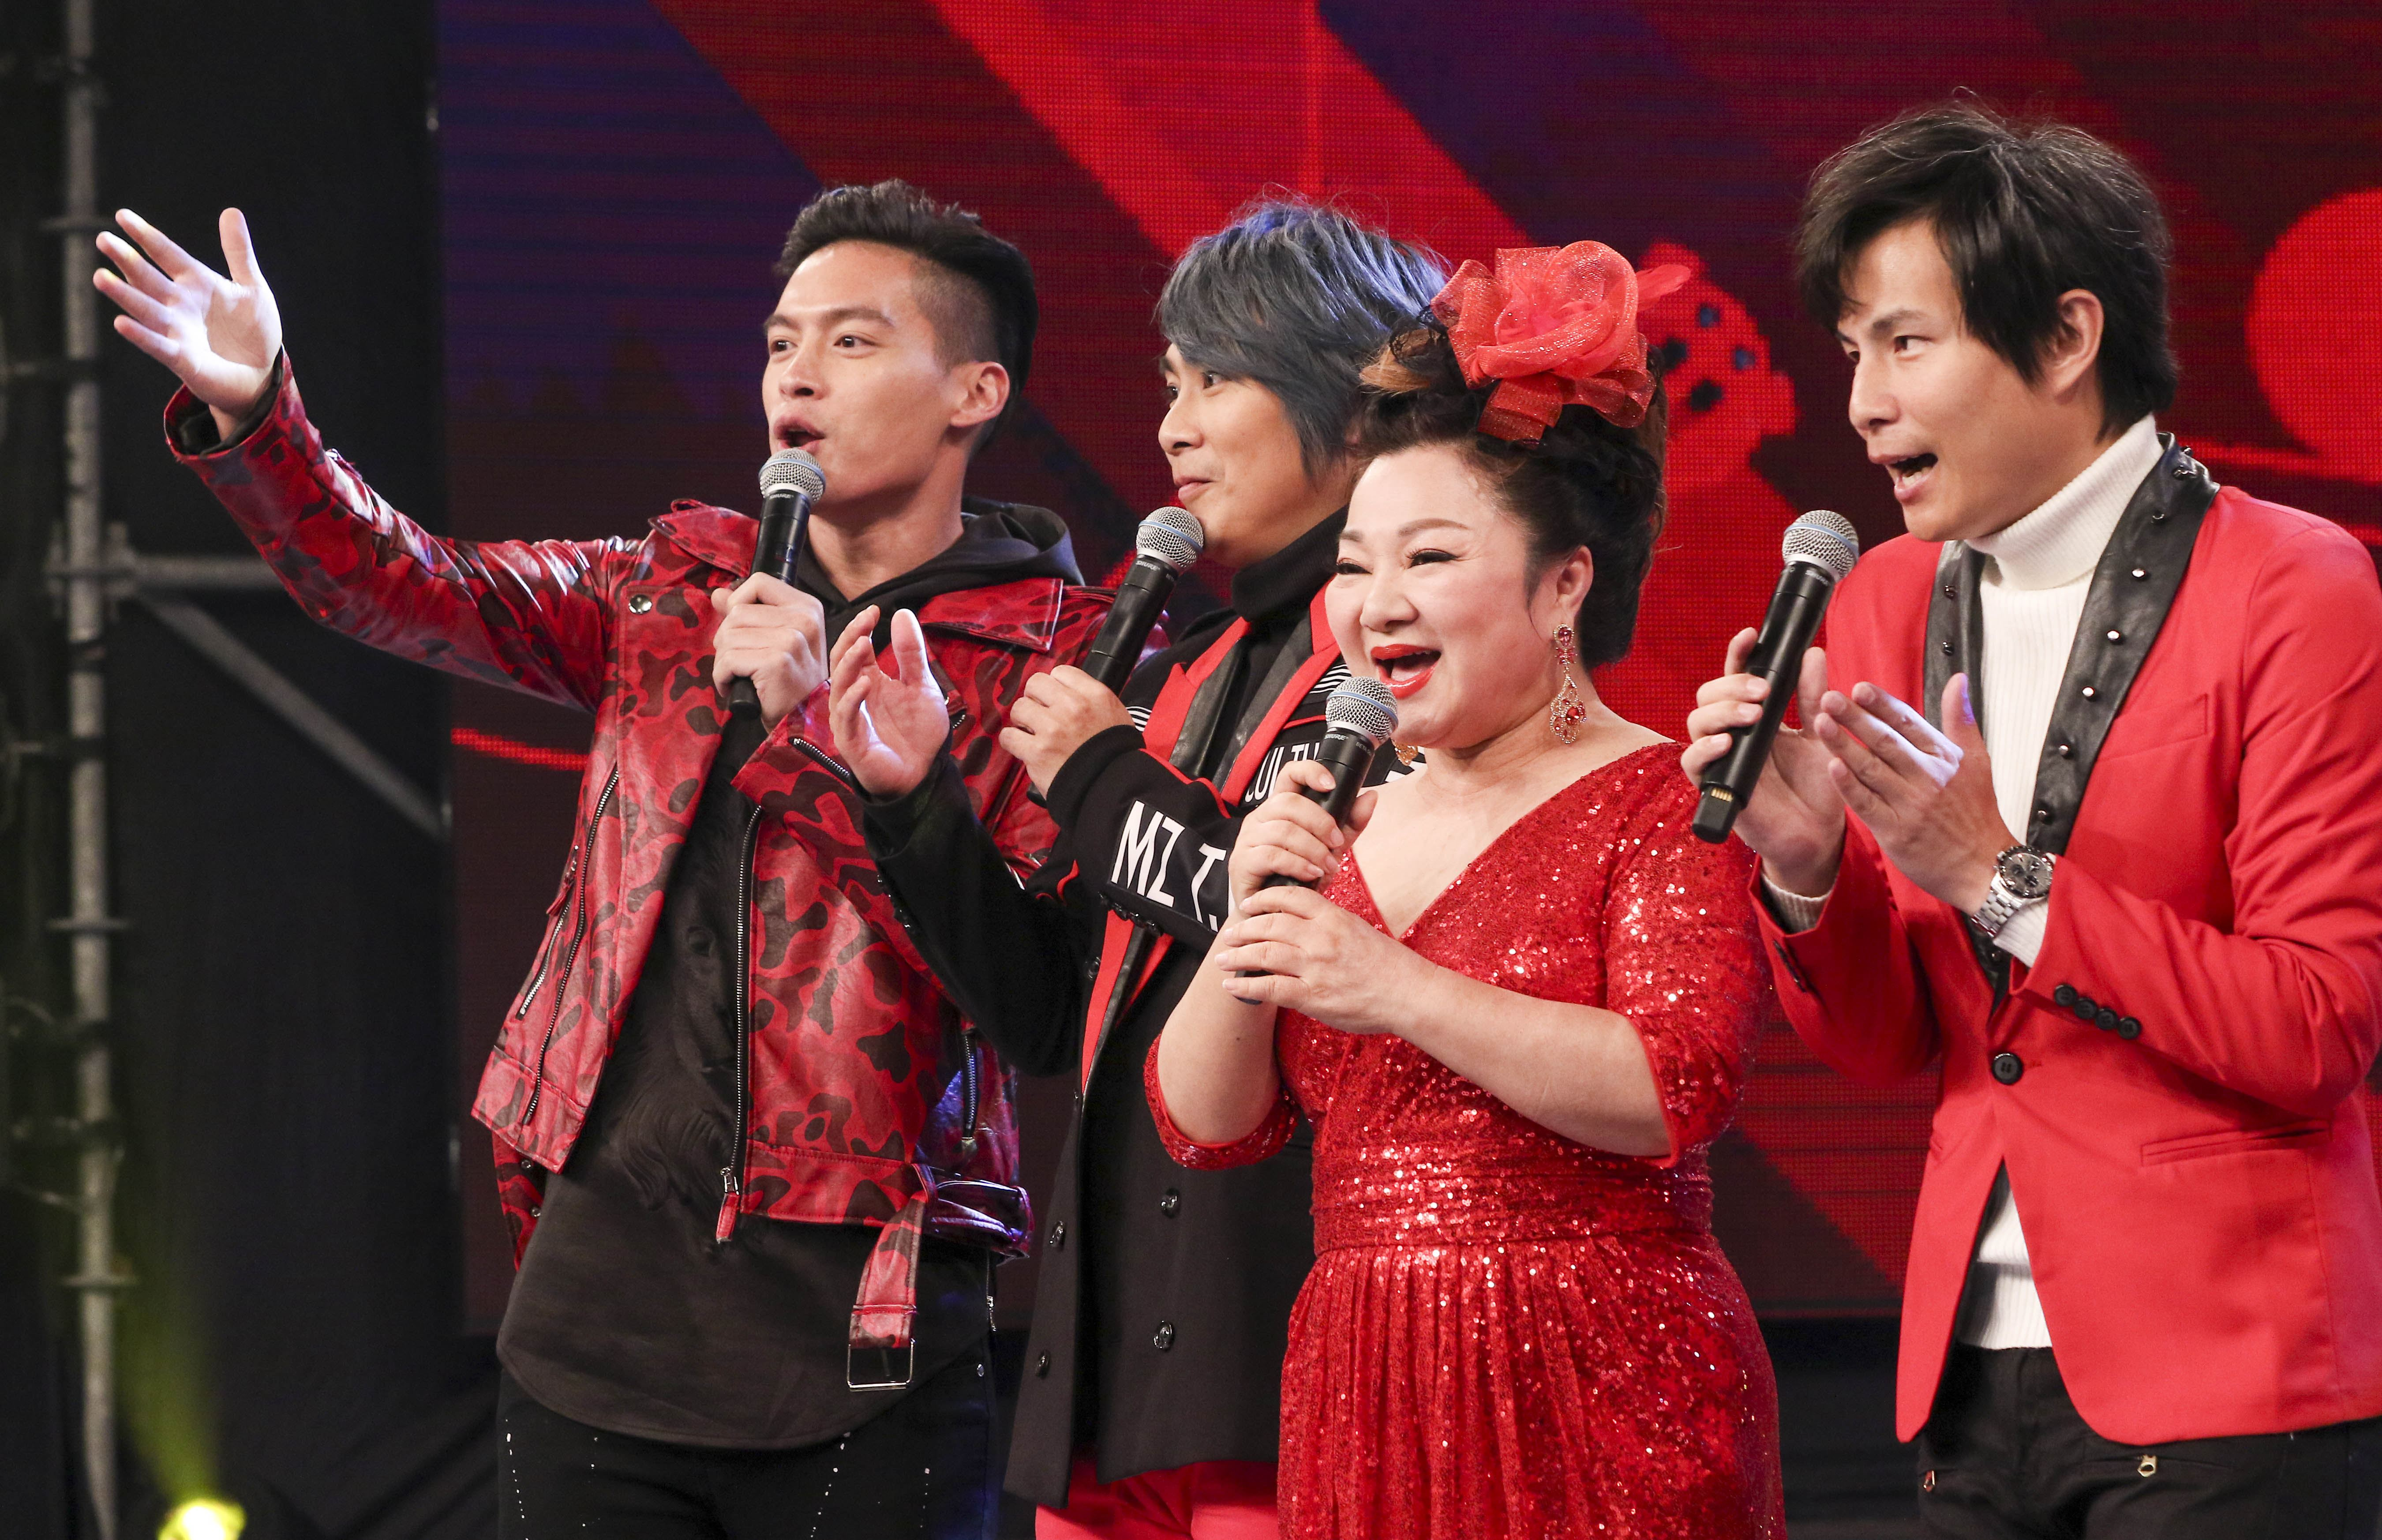 2019超級華人風雲大賞,許孟哲、王仁甫、白冰冰、孫協志擔任紅隊主持。(記者林士傑/攝影)